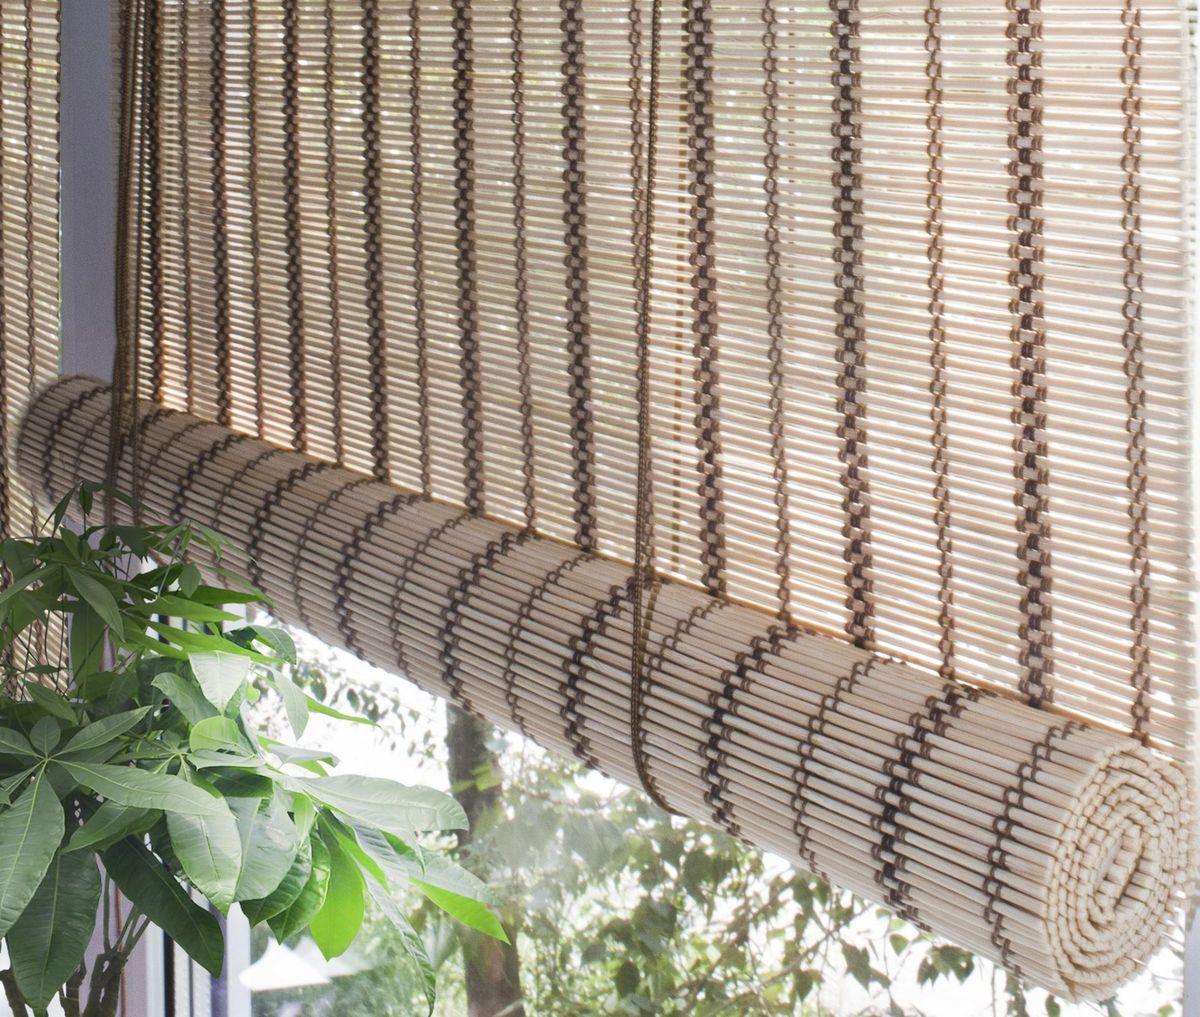 Штора рулонная Эскар Бамбук, цвет: песочный, ширина 100 см, высота 160 см70141100160При оформлении интерьера современных помещений многие отдают предпочтение природным материалам. Бамбуковые рулонные шторы - одно из натуральных изделий, способное сделать атмосферу помещения более уютной и в то же время необычной. Свойства бамбука уникальны: он экологически чист, так как быстро вырастает, благодаря чему не успевает накопить вредные вещества из окружающей среды. Кроме того, растение обладает противомикробным и антибактериальным действием. Занавеси из бамбука безопасно использовать в помещениях, где находятся новорожденные дети и люди, склонные к аллергии. Они незаменимы для тех, кто заботится о своем здоровье и уделяет внимание высокому уровню жизни.Бамбуковые рулонные шторы представляют собой полотно, состоящее из тонких бамбуковых стеблей и сворачиваемое в рулон.Римские бамбуковые шторы, как и тканевые римские шторы, при поднятии образуют крупные складки, которые прекрасно декорируют окно.Особенность устройства полотна позволяет свободно пропускать дневной свет, что обеспечивает мягкое освещение комнаты. Это натуральный влагостойкий материал, который легко вписывается в любой интерьер, хорошо сочетается с различной мебелью и элементами отделки. Использование бамбукового полотна придает помещению необычный вид и визуально расширяет пространство.Помимо внешней красоты, это еще и очень удобные конструкции, экономящие пространство. Изготавливаются они из специальных материалов, устойчивых к внешним воздействиям. Сама штора очень эргономичная, и позволяет изменять визуально пространство в зависимости от потребностей владельца.